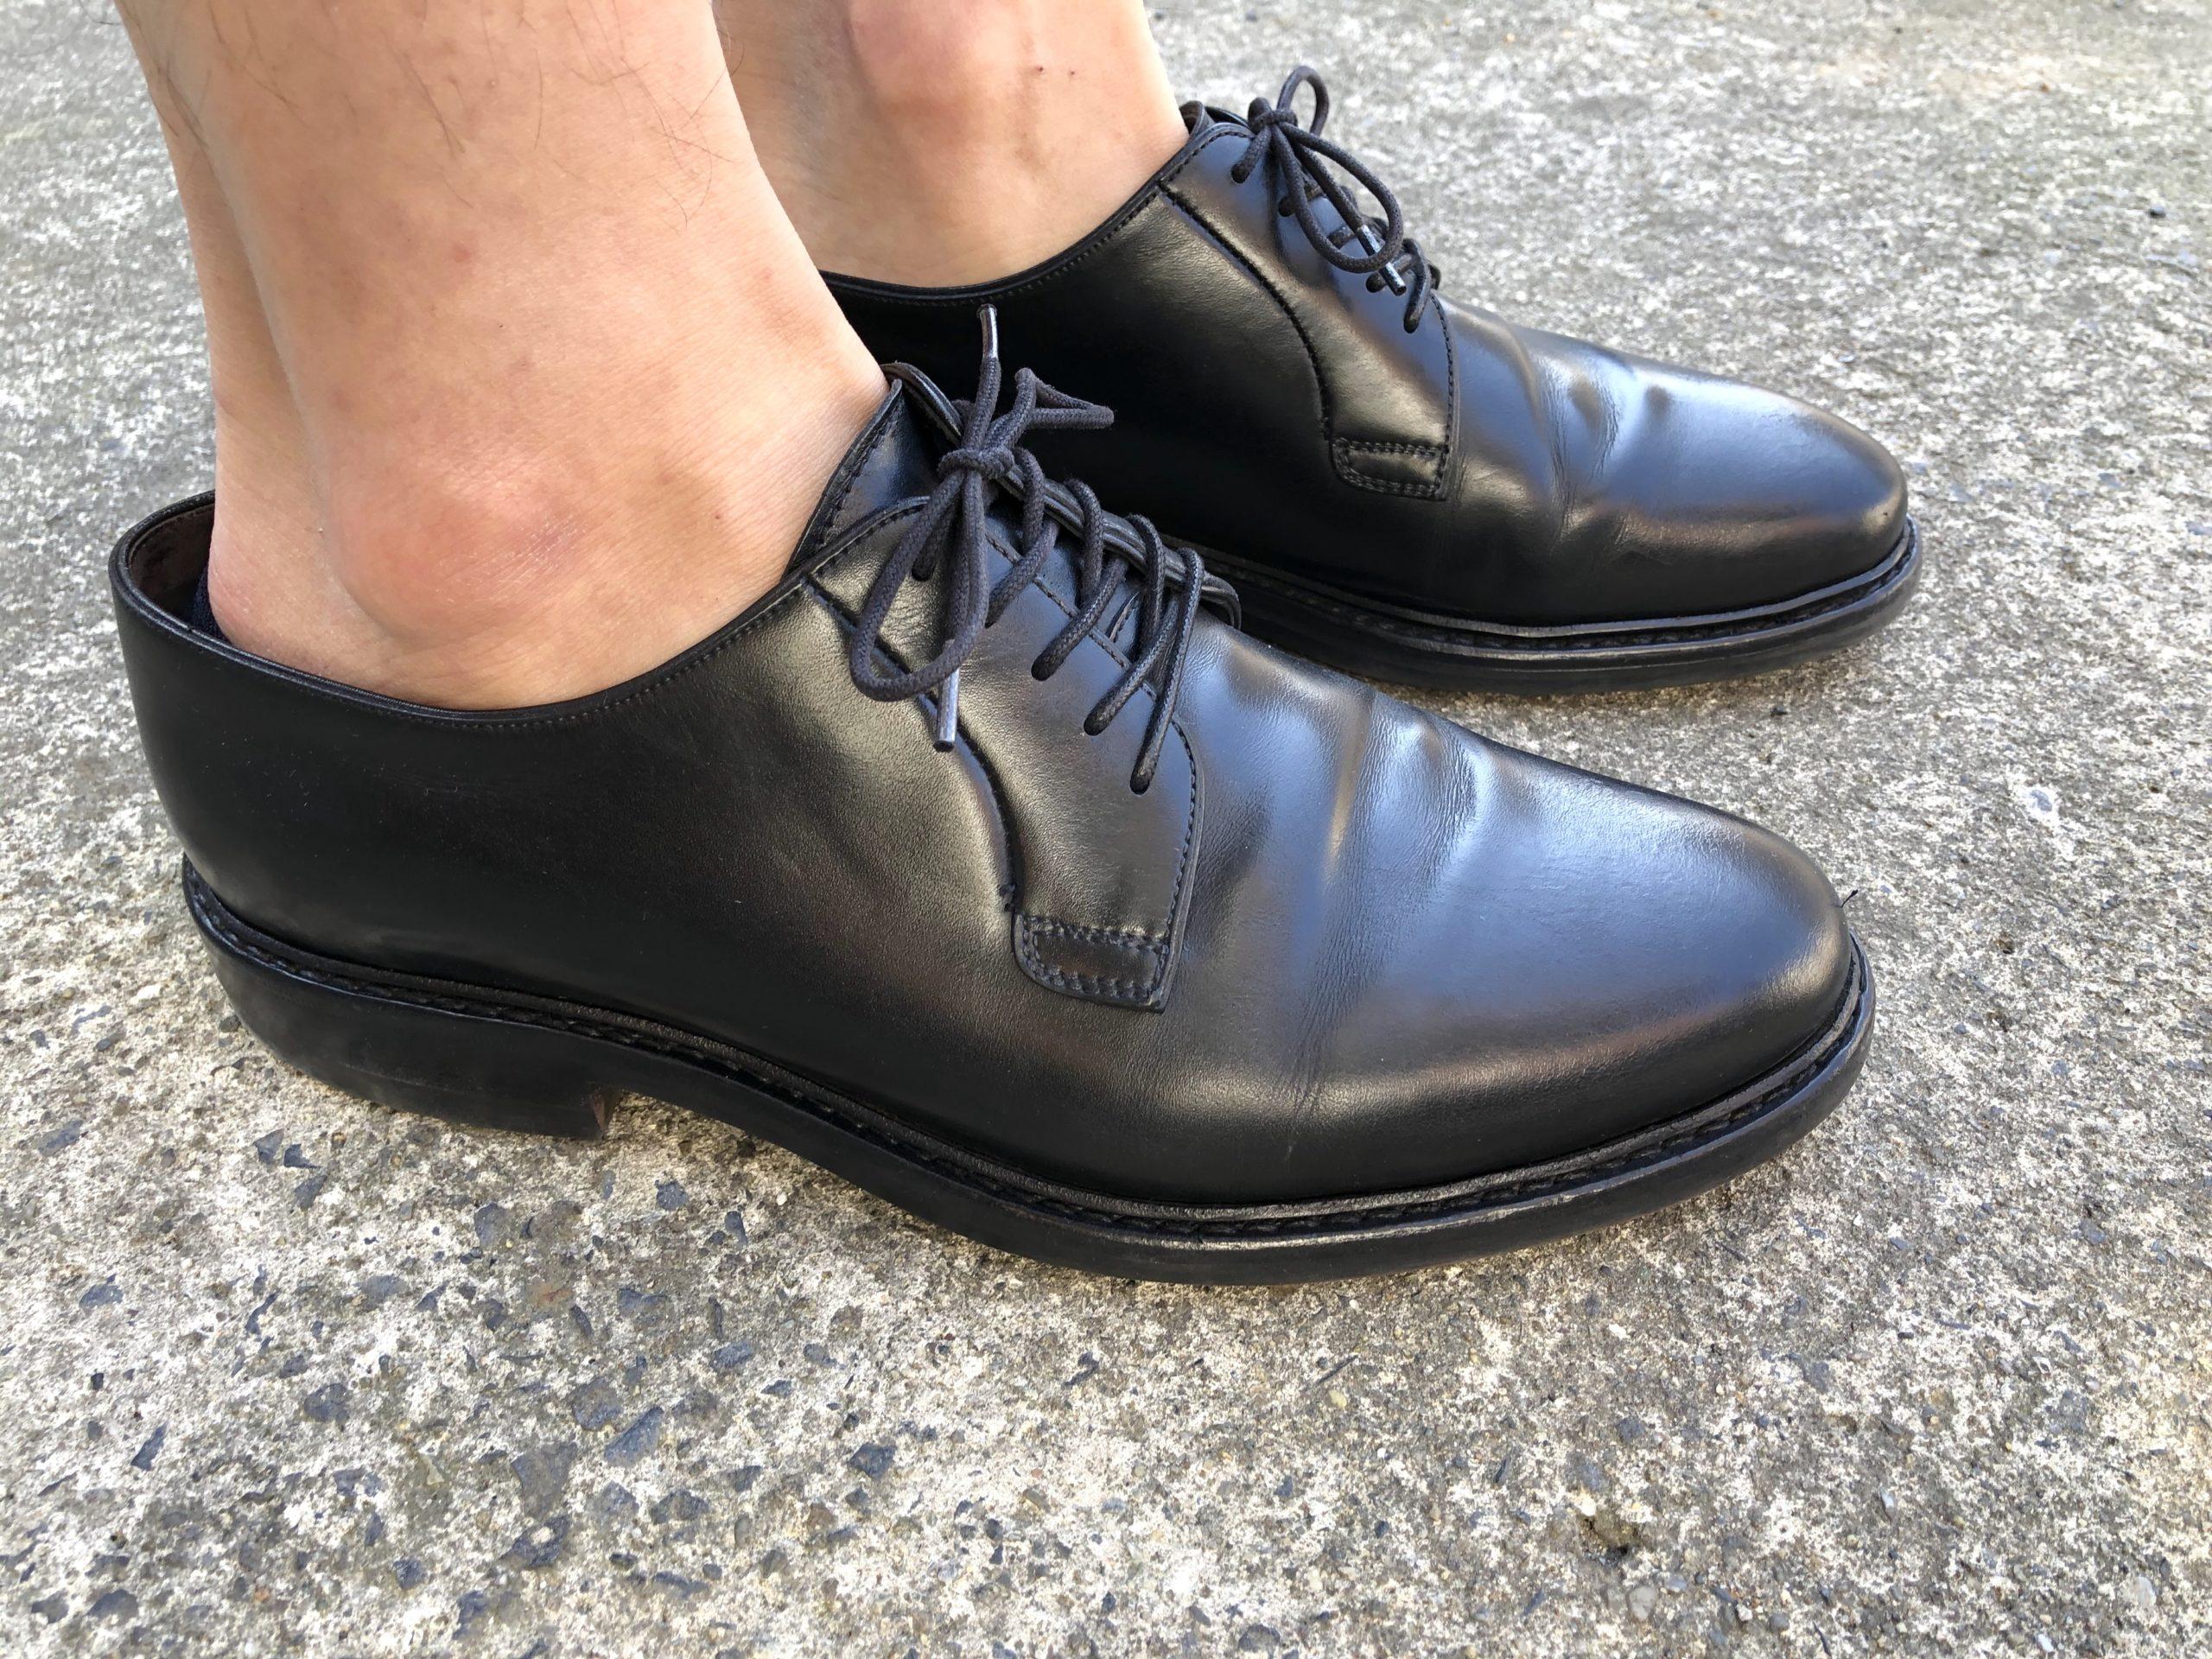 グンゼ・ボディワイルドのフットカバーの浅履きが革靴から見えるか